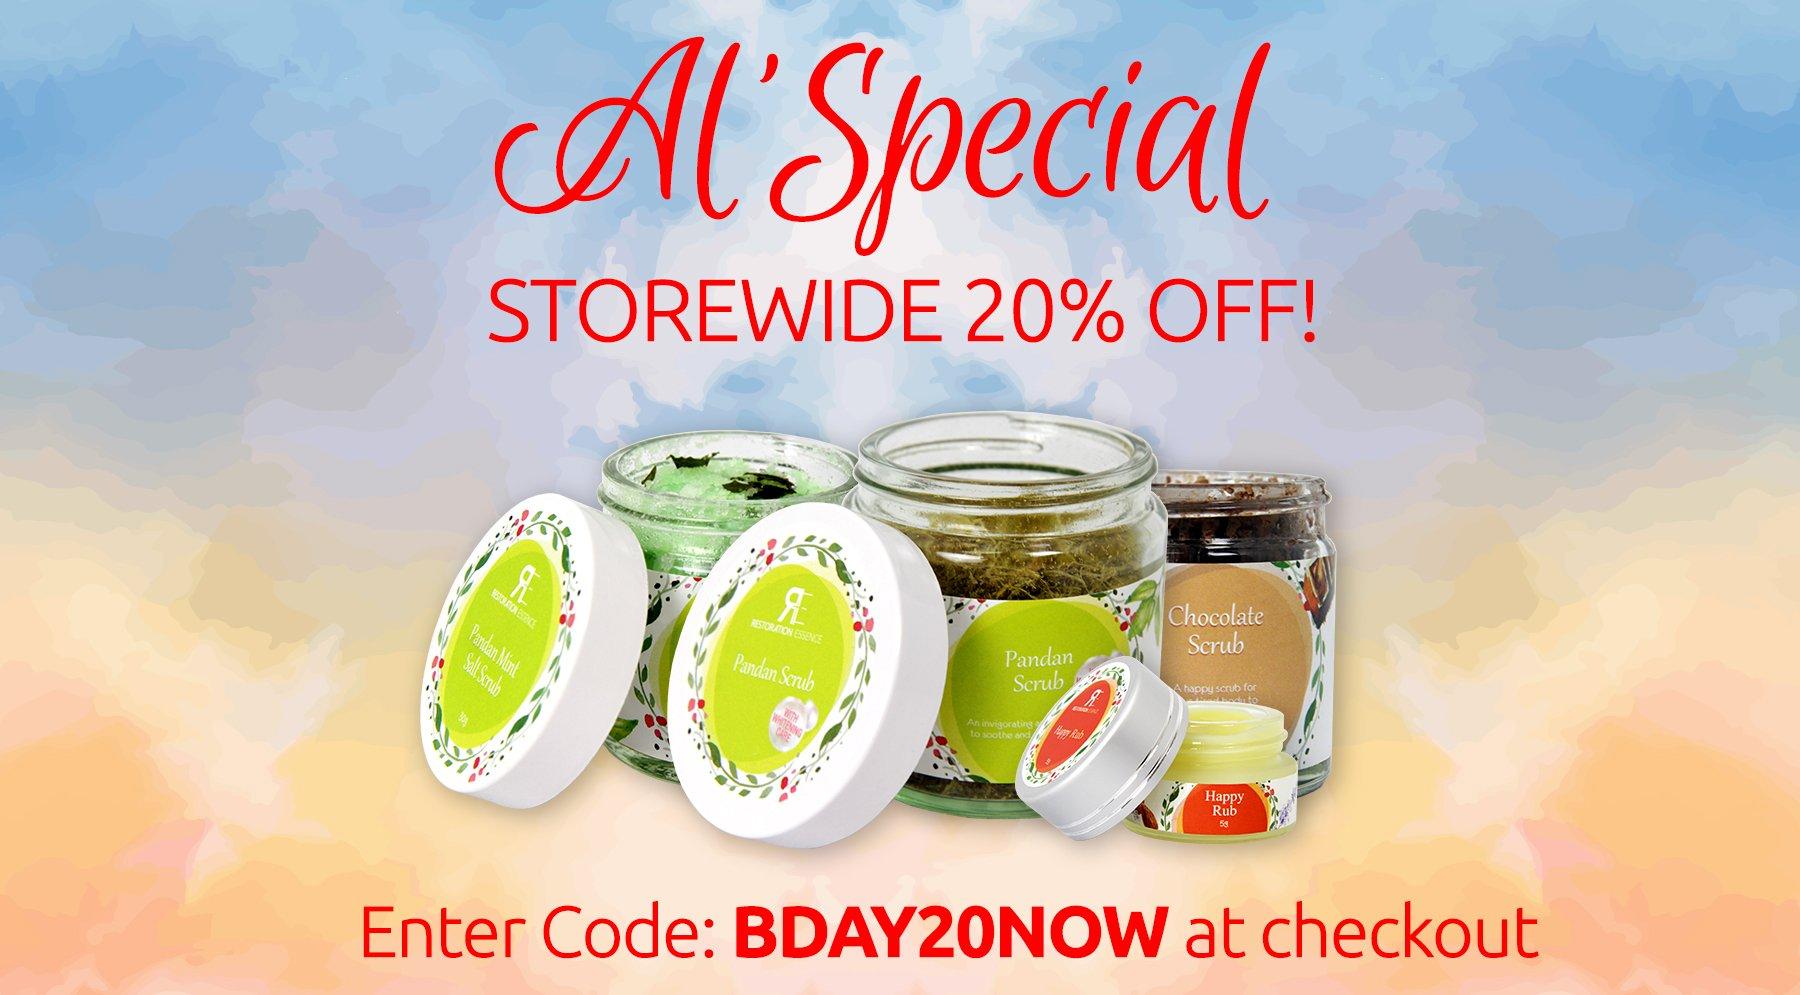 Storewide 20% off!